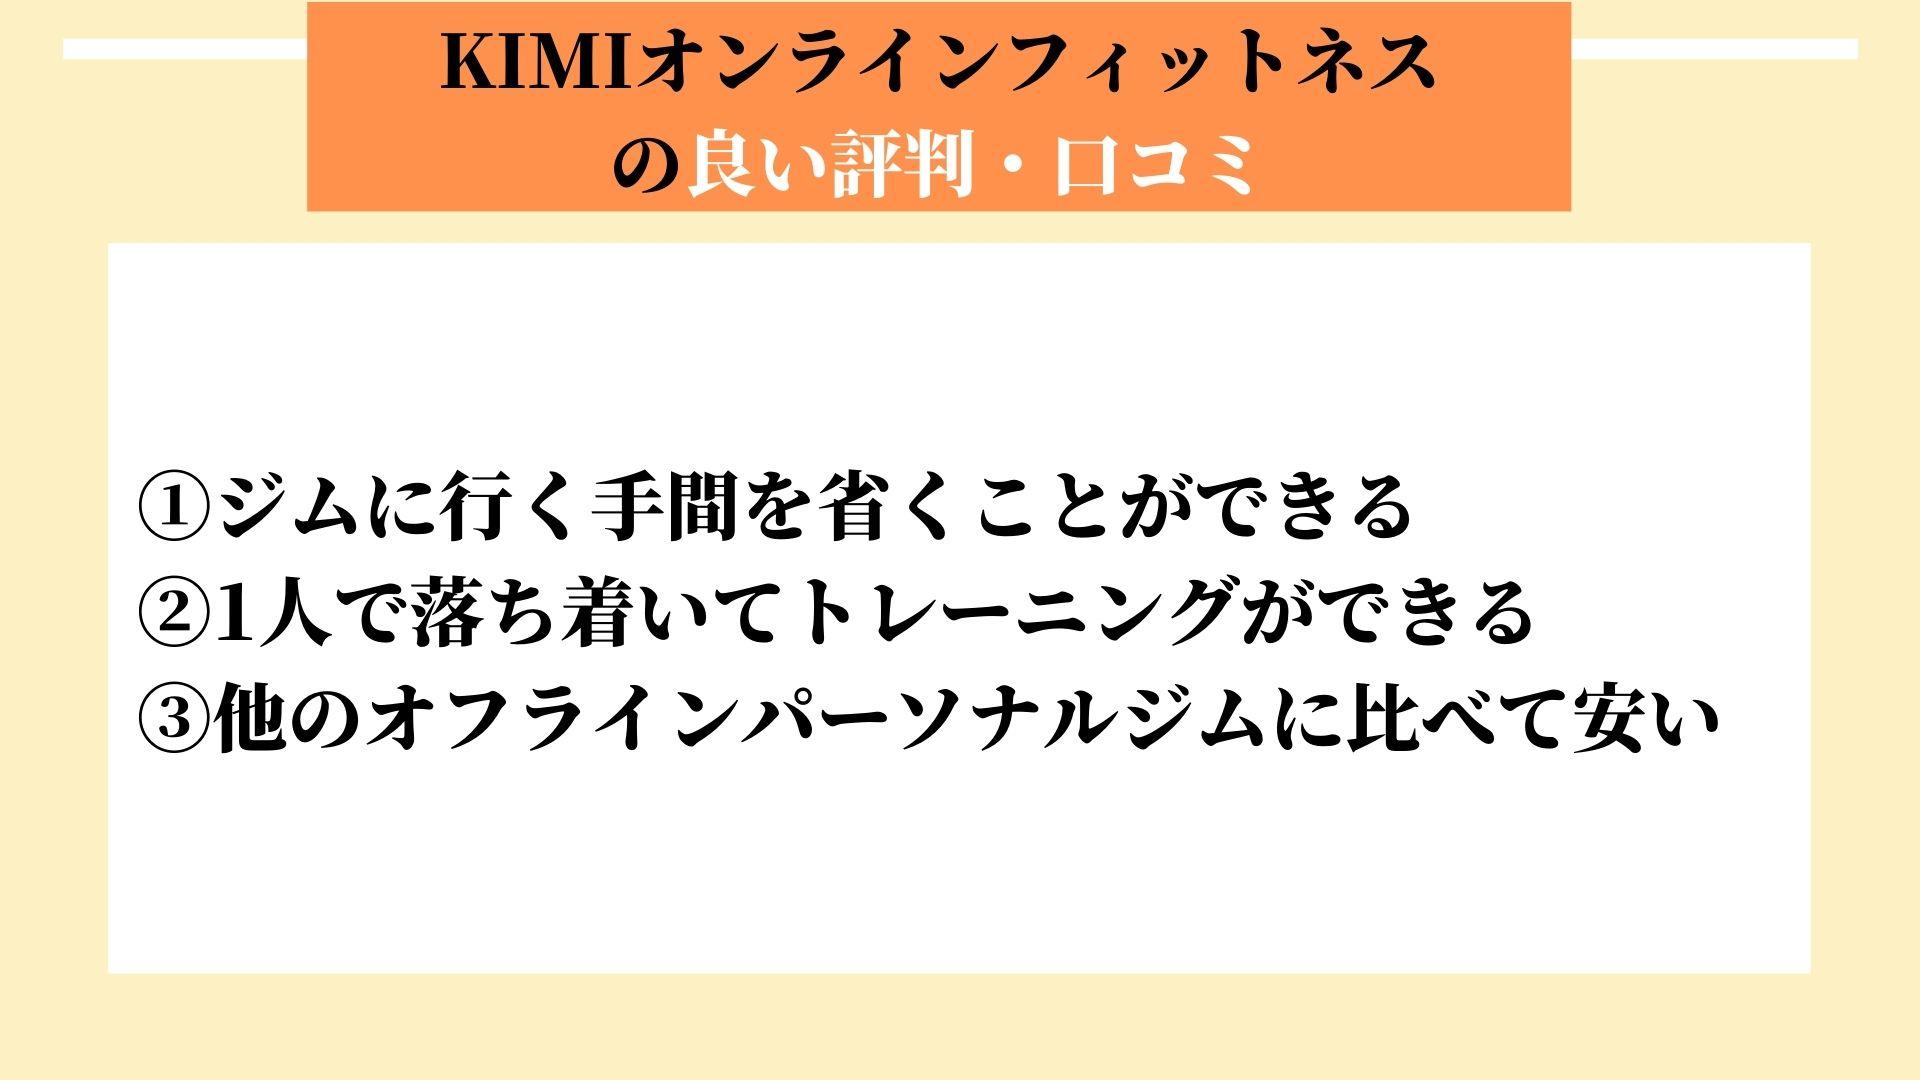 KIMIオンラインフィットネス 良い